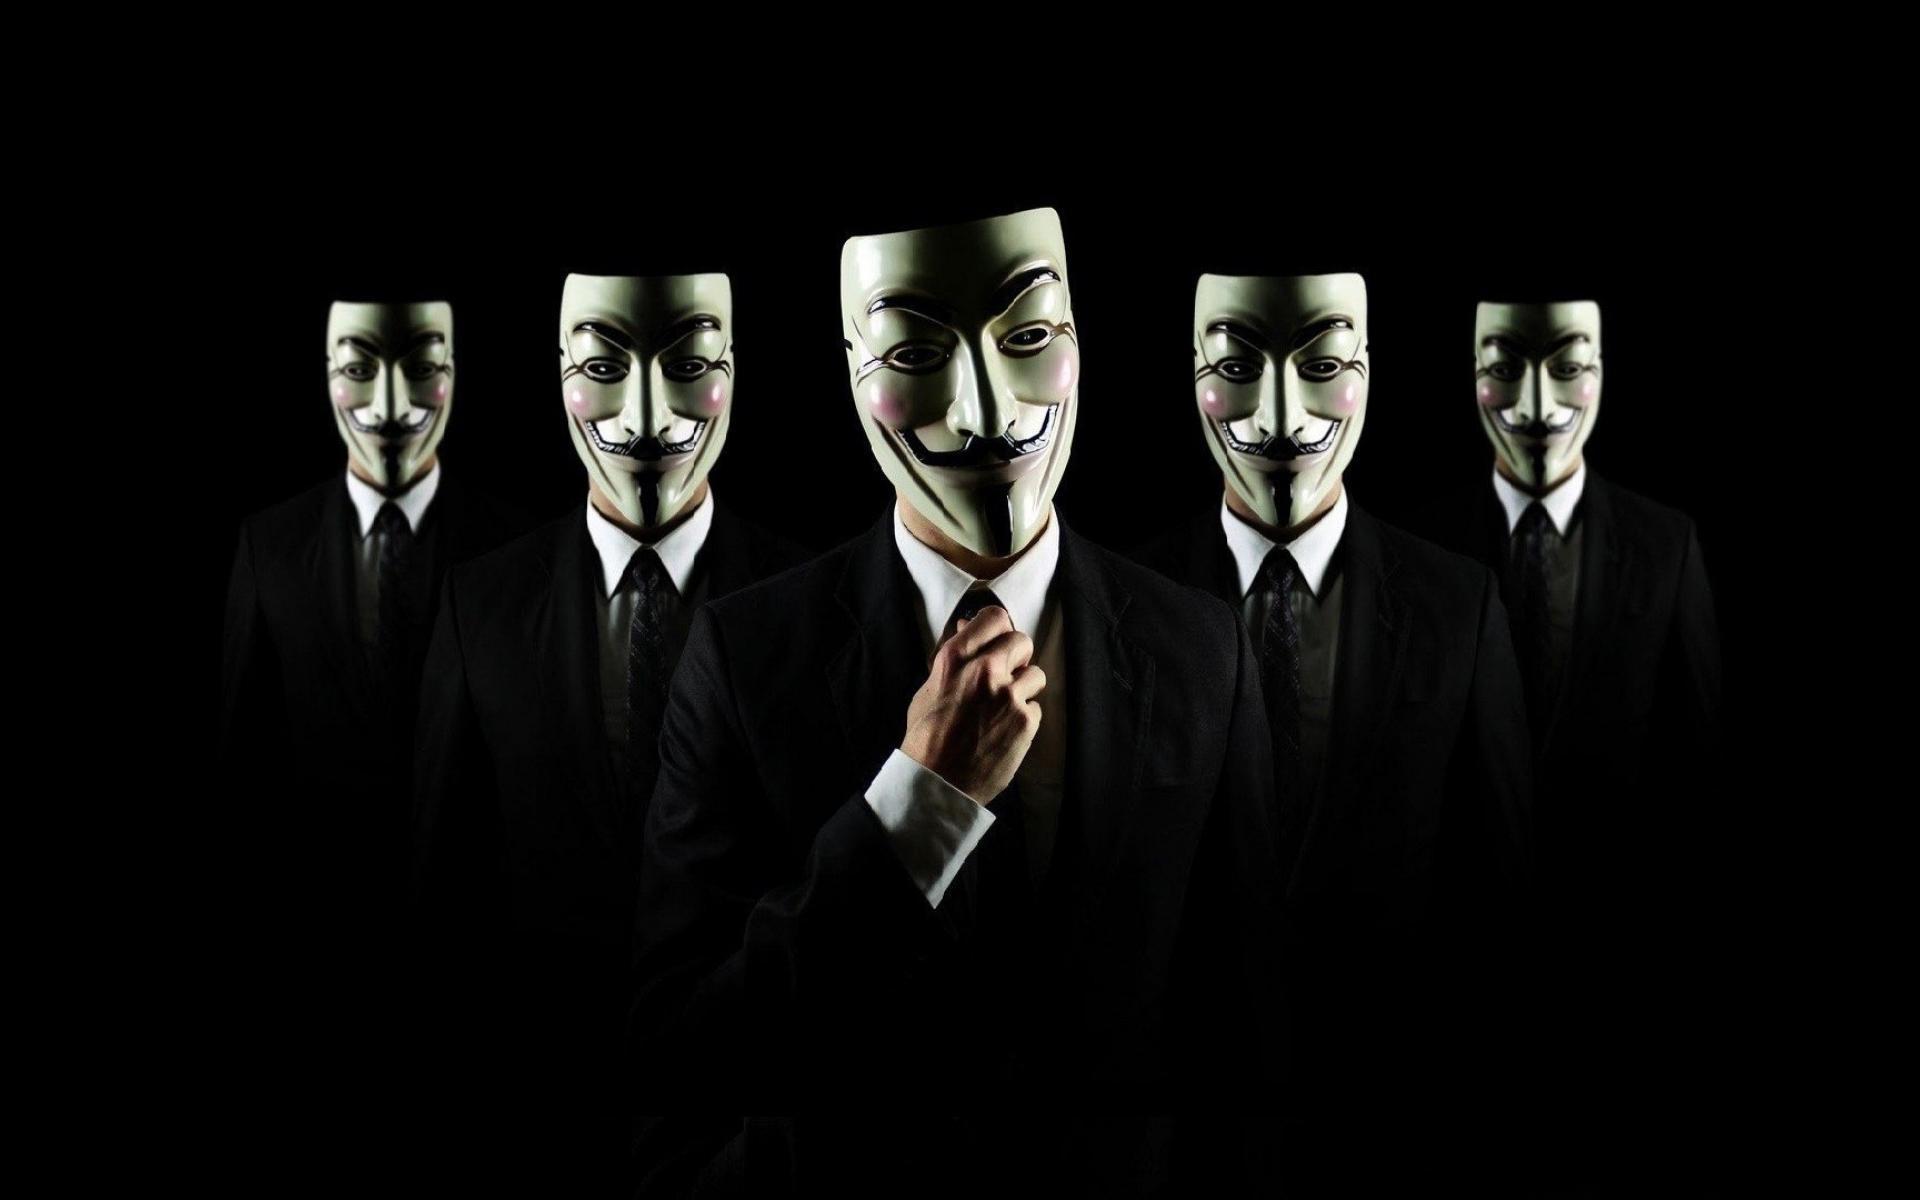 Вийти з тіні: вінницьких «безробітних» запрошують працевлаштовуватись офіційно